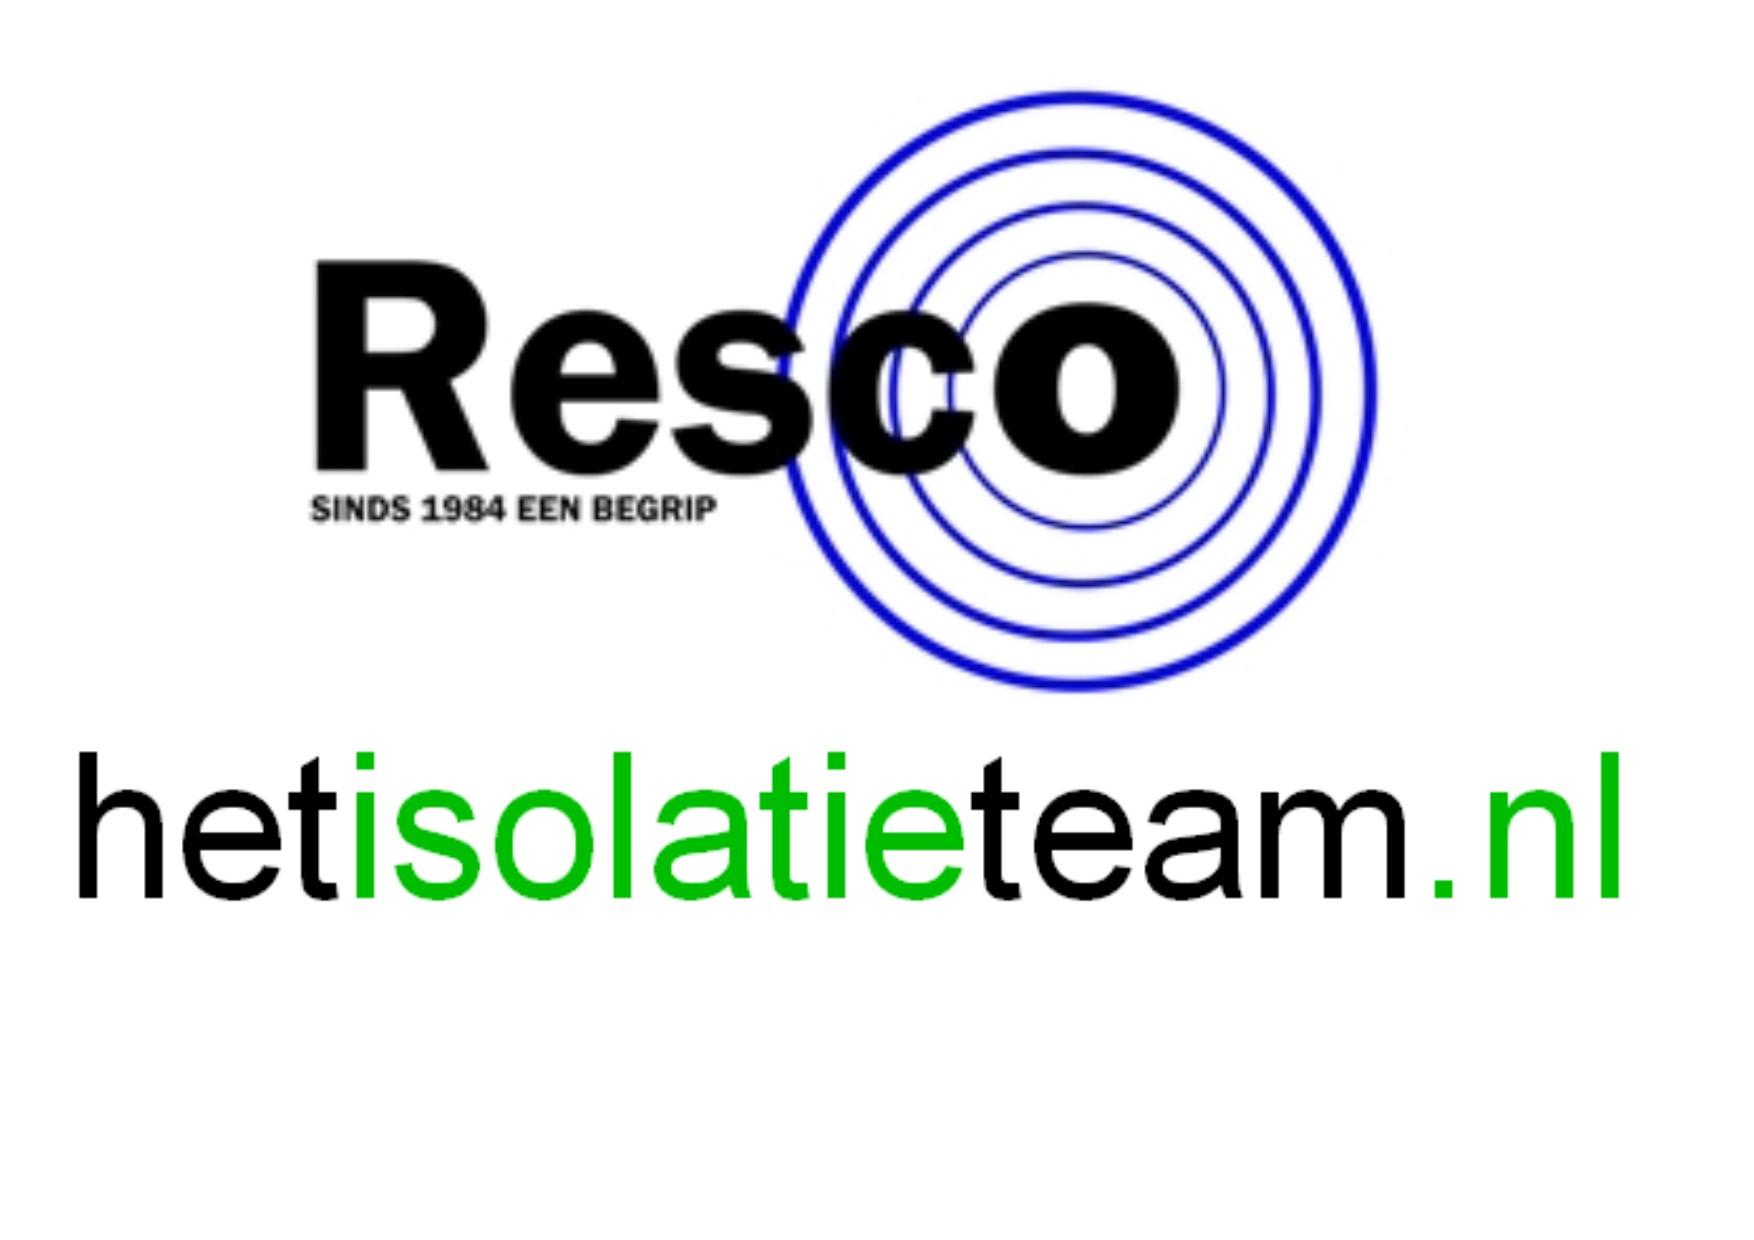 Resco Het isolatieteam